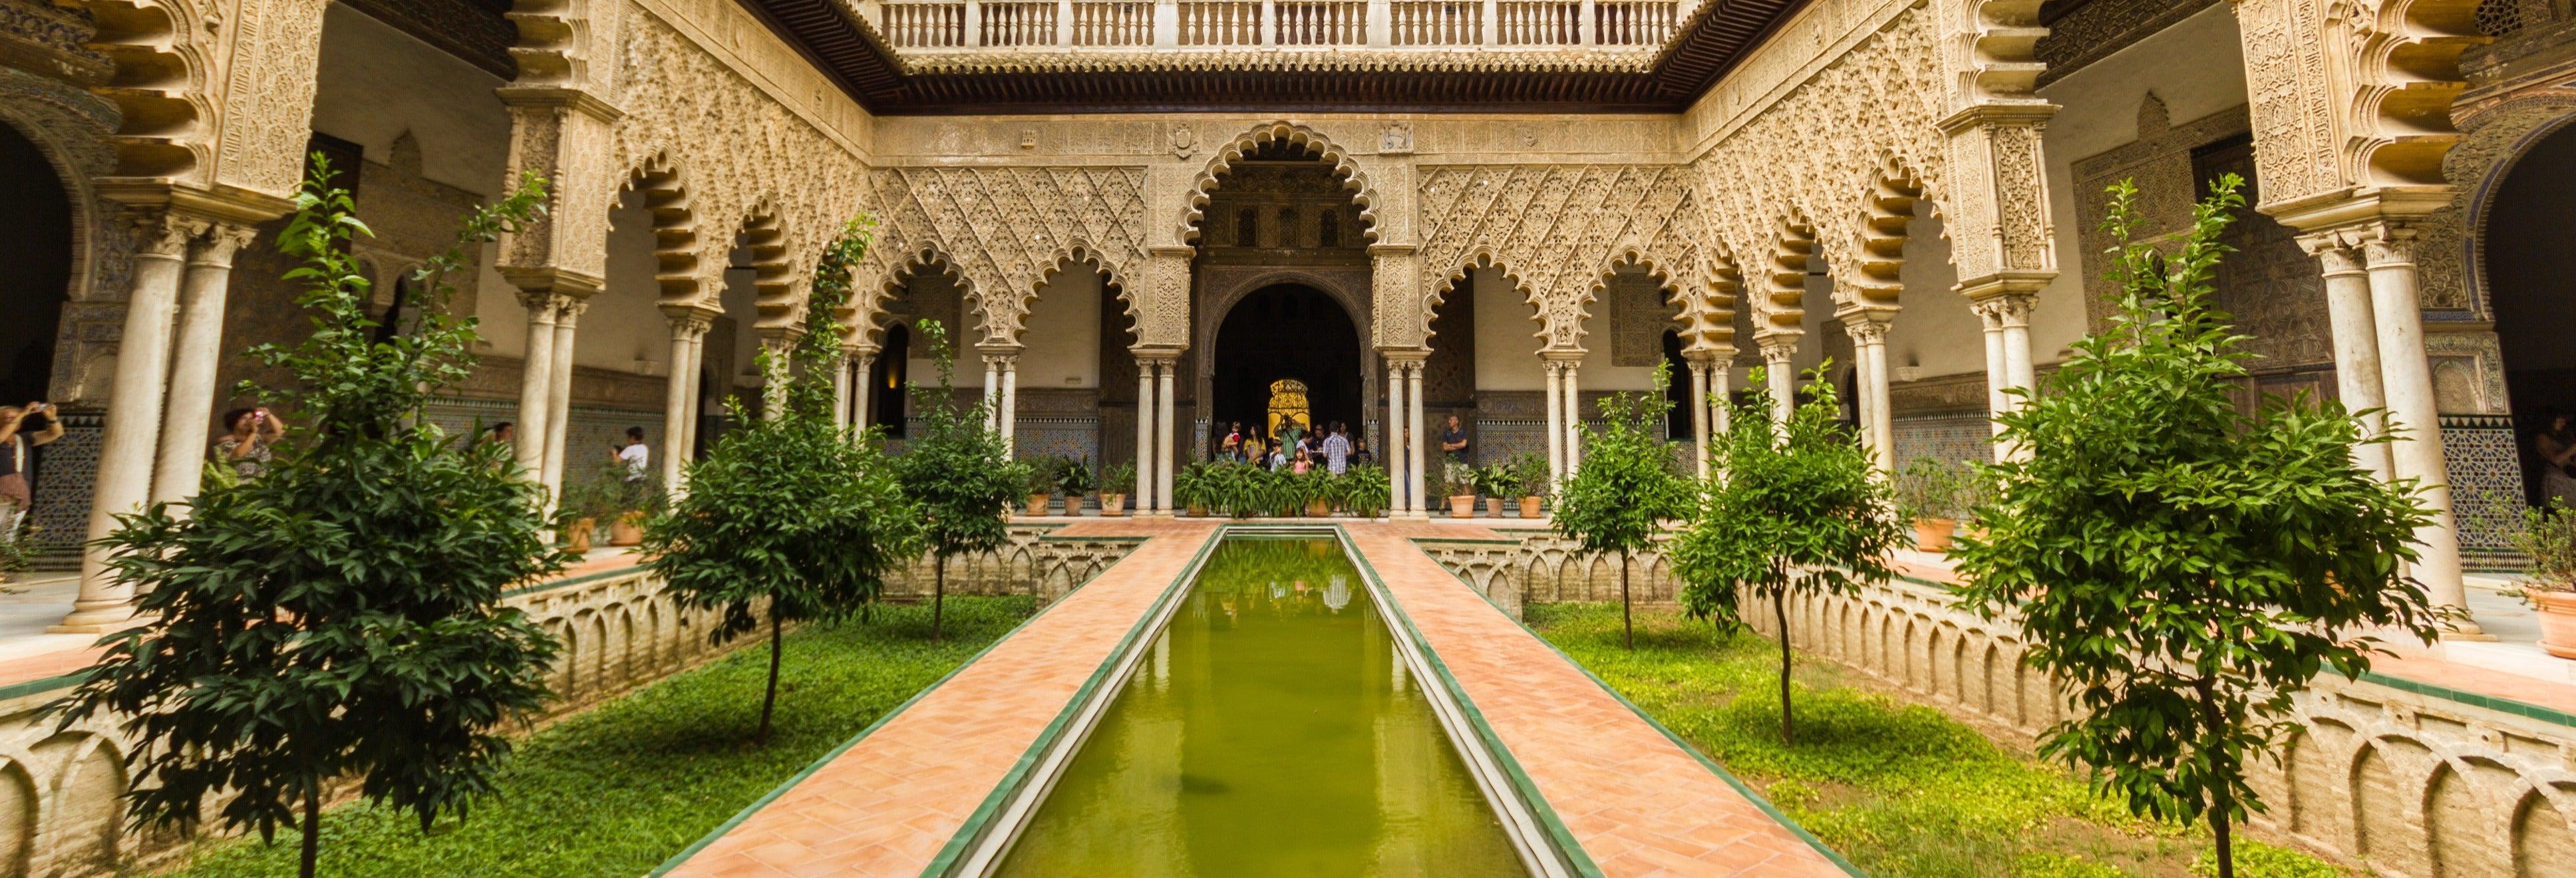 Visita guiada por el Alcázar